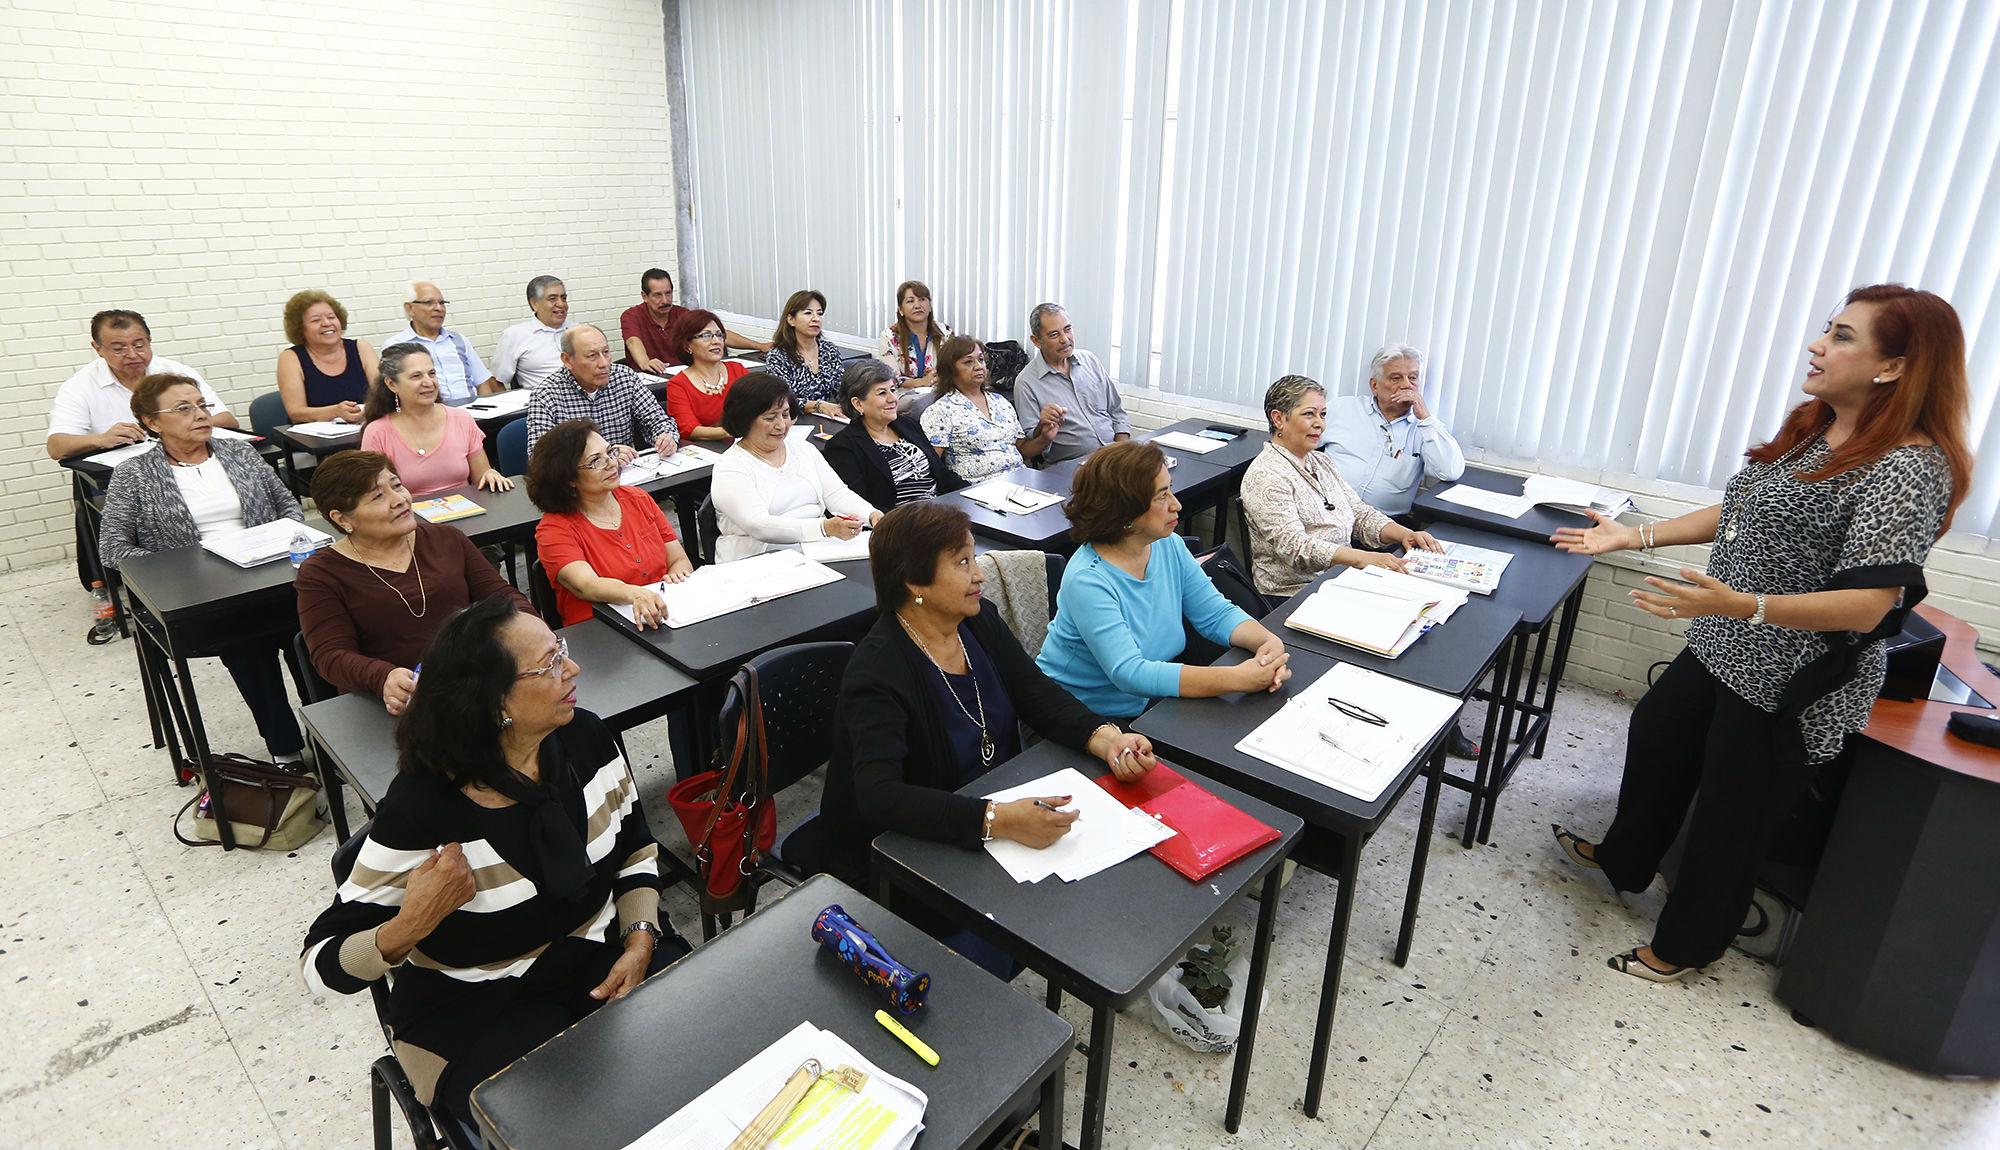 Los cursos tienen una duración de dos años divididos en cuatro semestres